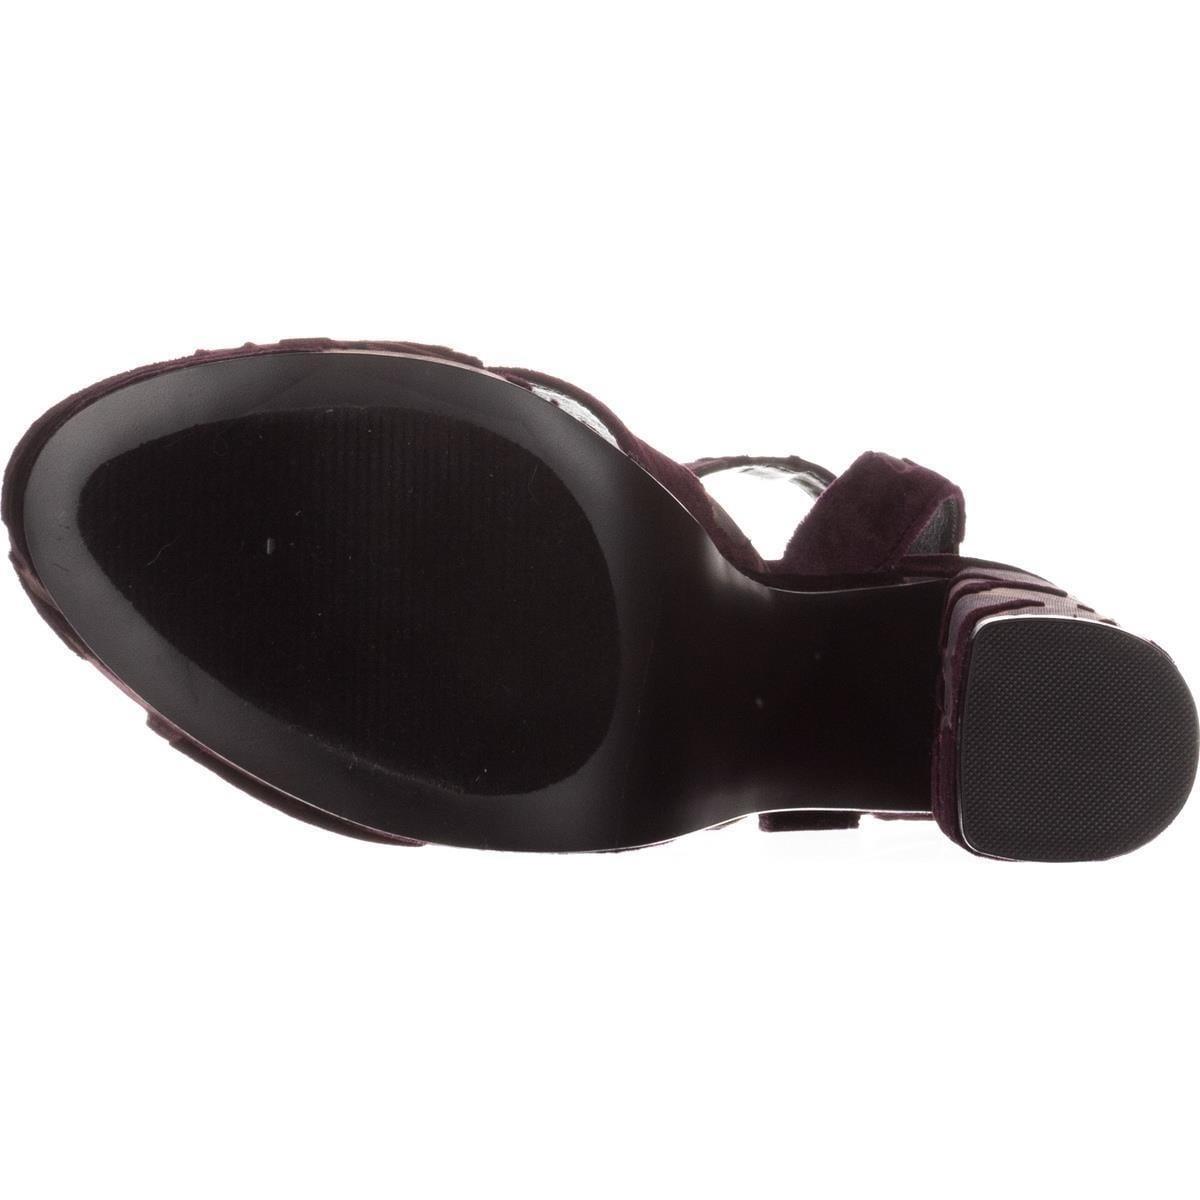 3779ad7eae7 Shop Steve Madden Jodi Platform Sandals